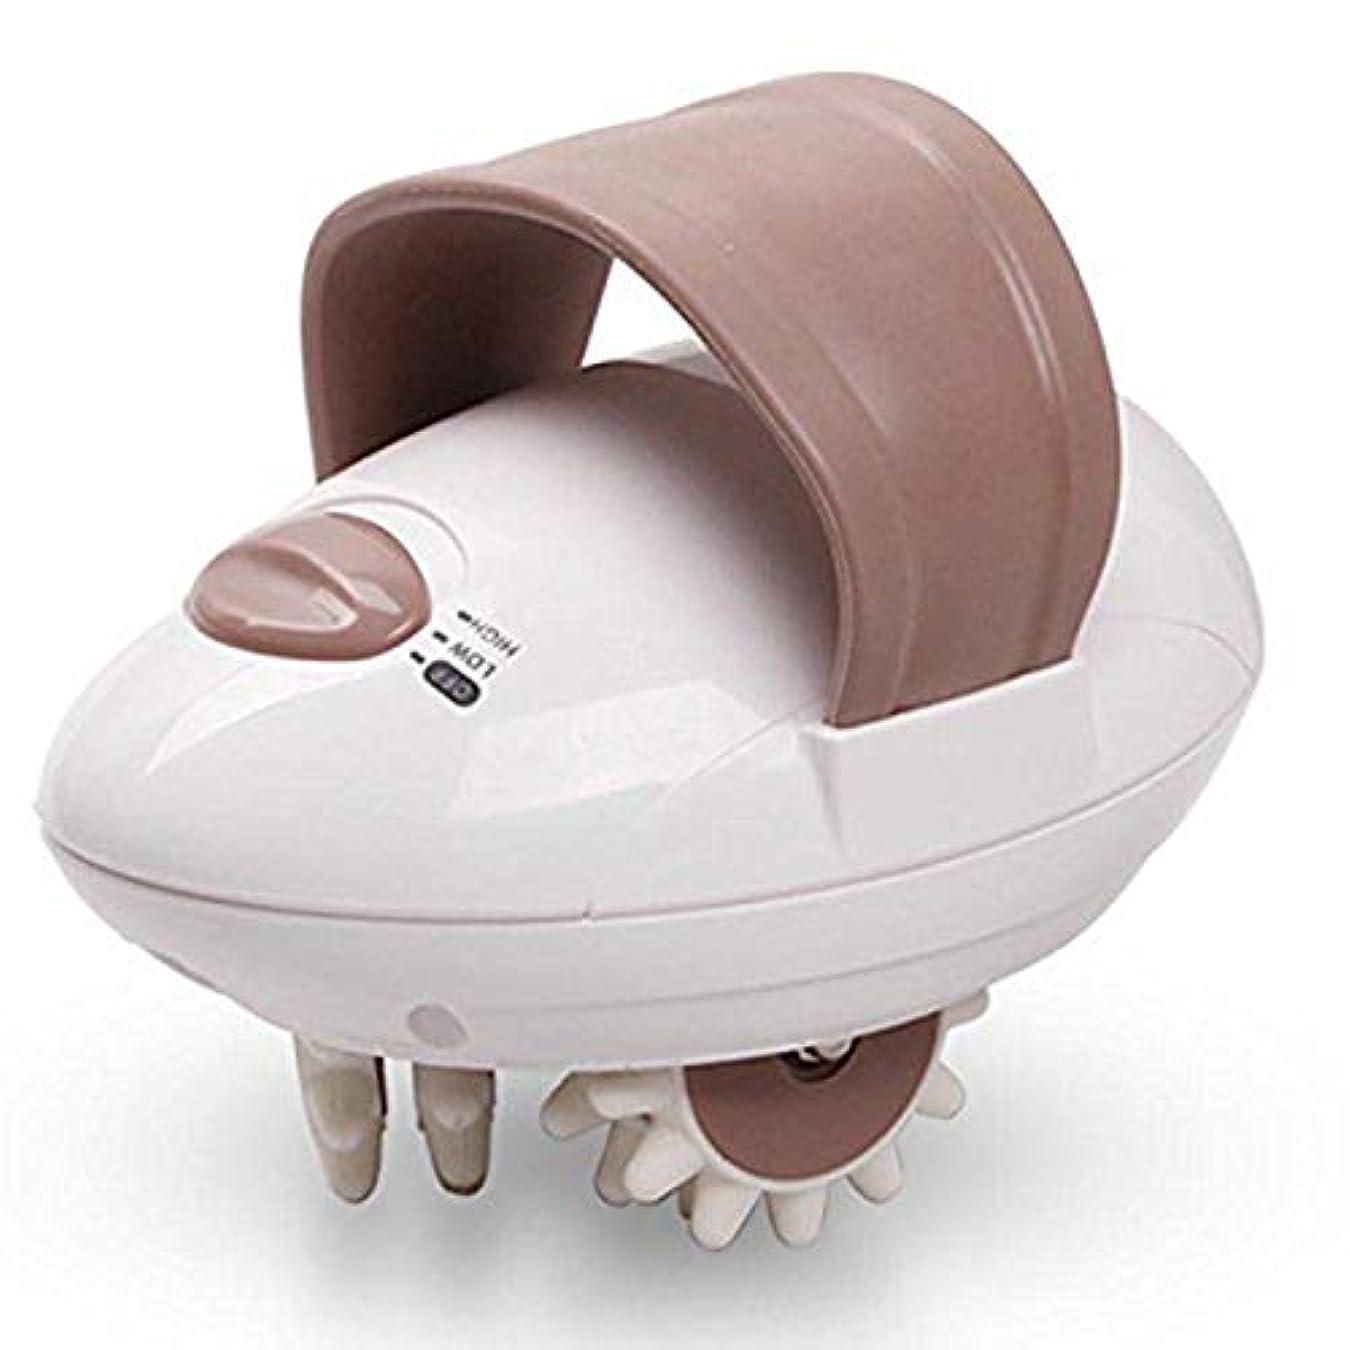 デクリメント彼過ち3D Electric Full Body Slimming Massager Roller Cellulite Massaging Smarter Device Weight Loss Fat Burning Relieve Tension